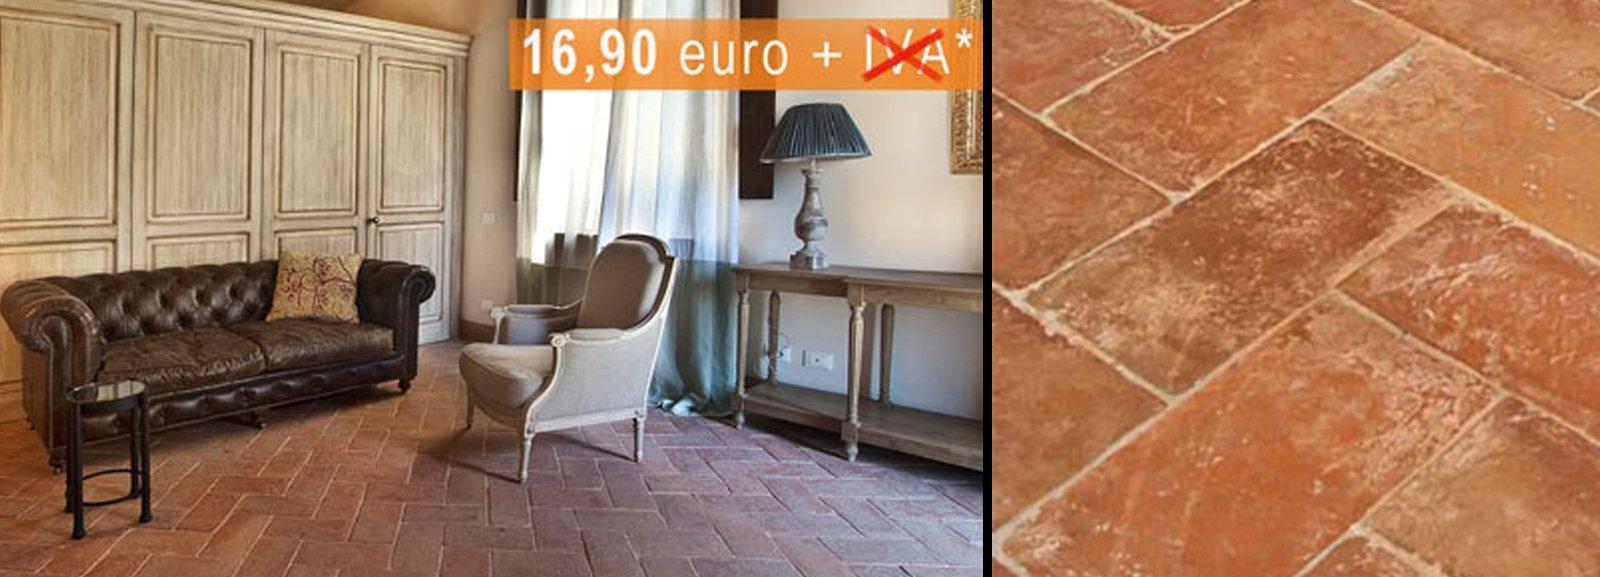 Cristiani pavimenti rivestimenti in cotto low cost cose - Oggettistica casa low cost ...